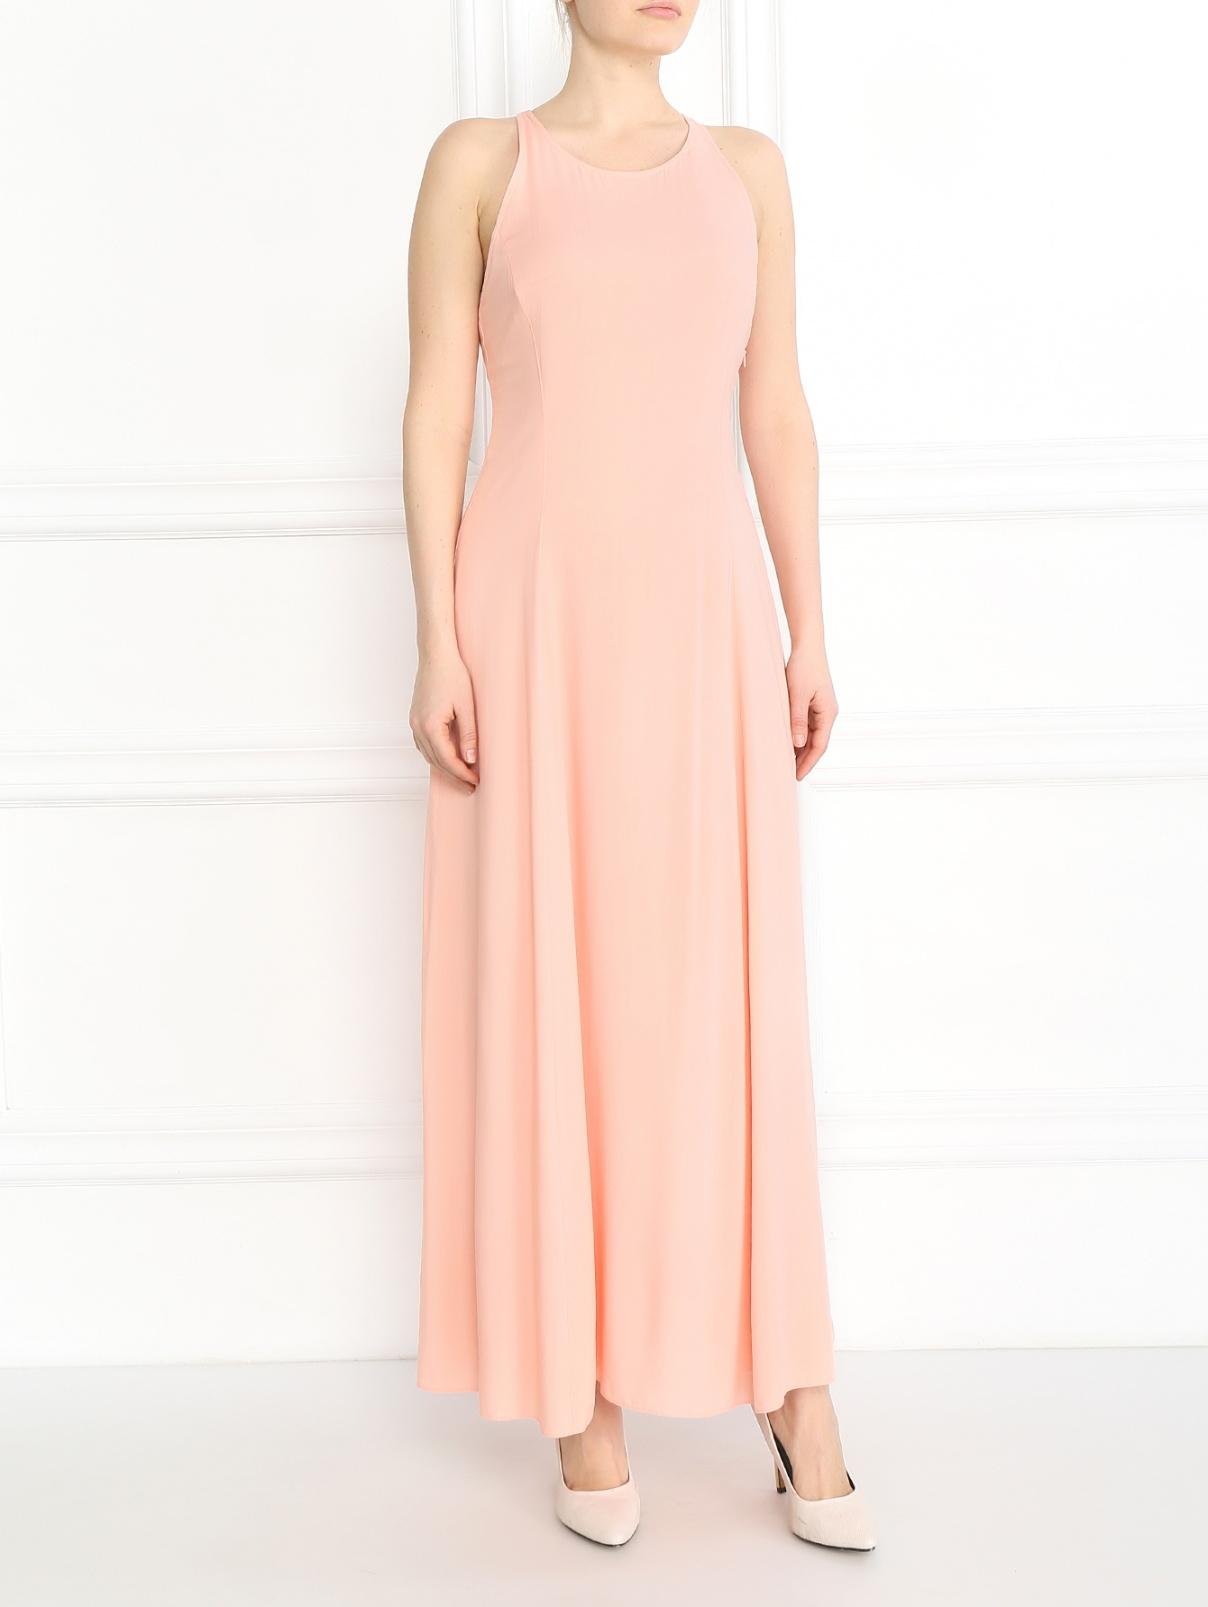 Платье-макси Armani Jeans  –  Модель Общий вид  – Цвет:  Розовый